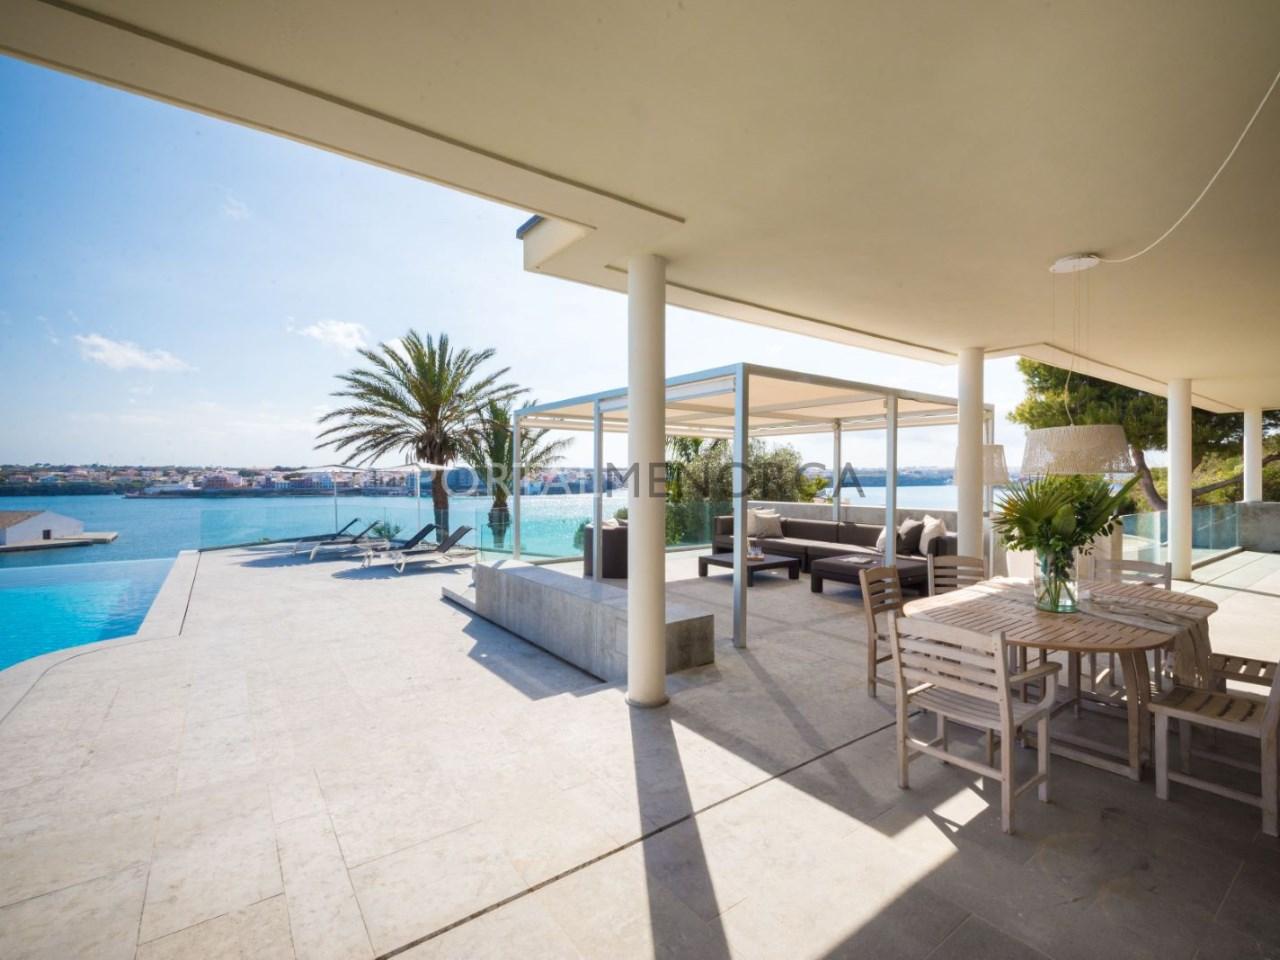 acheter-maison-luxe-menorca (5)